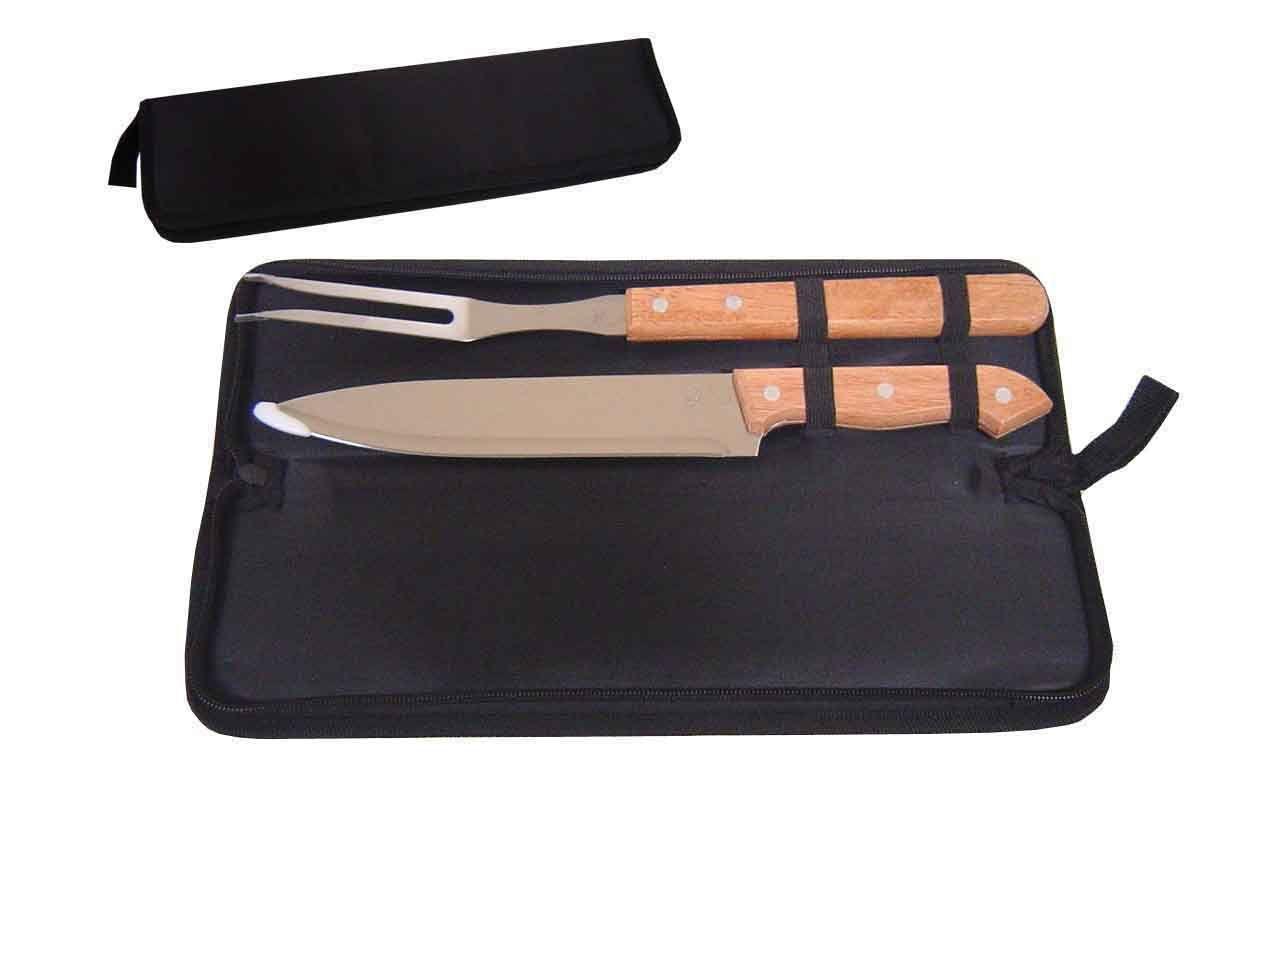 Kit churrasco 2 peças de aço inox e cabo de madeira com estojo de nylon Pontual - P143035